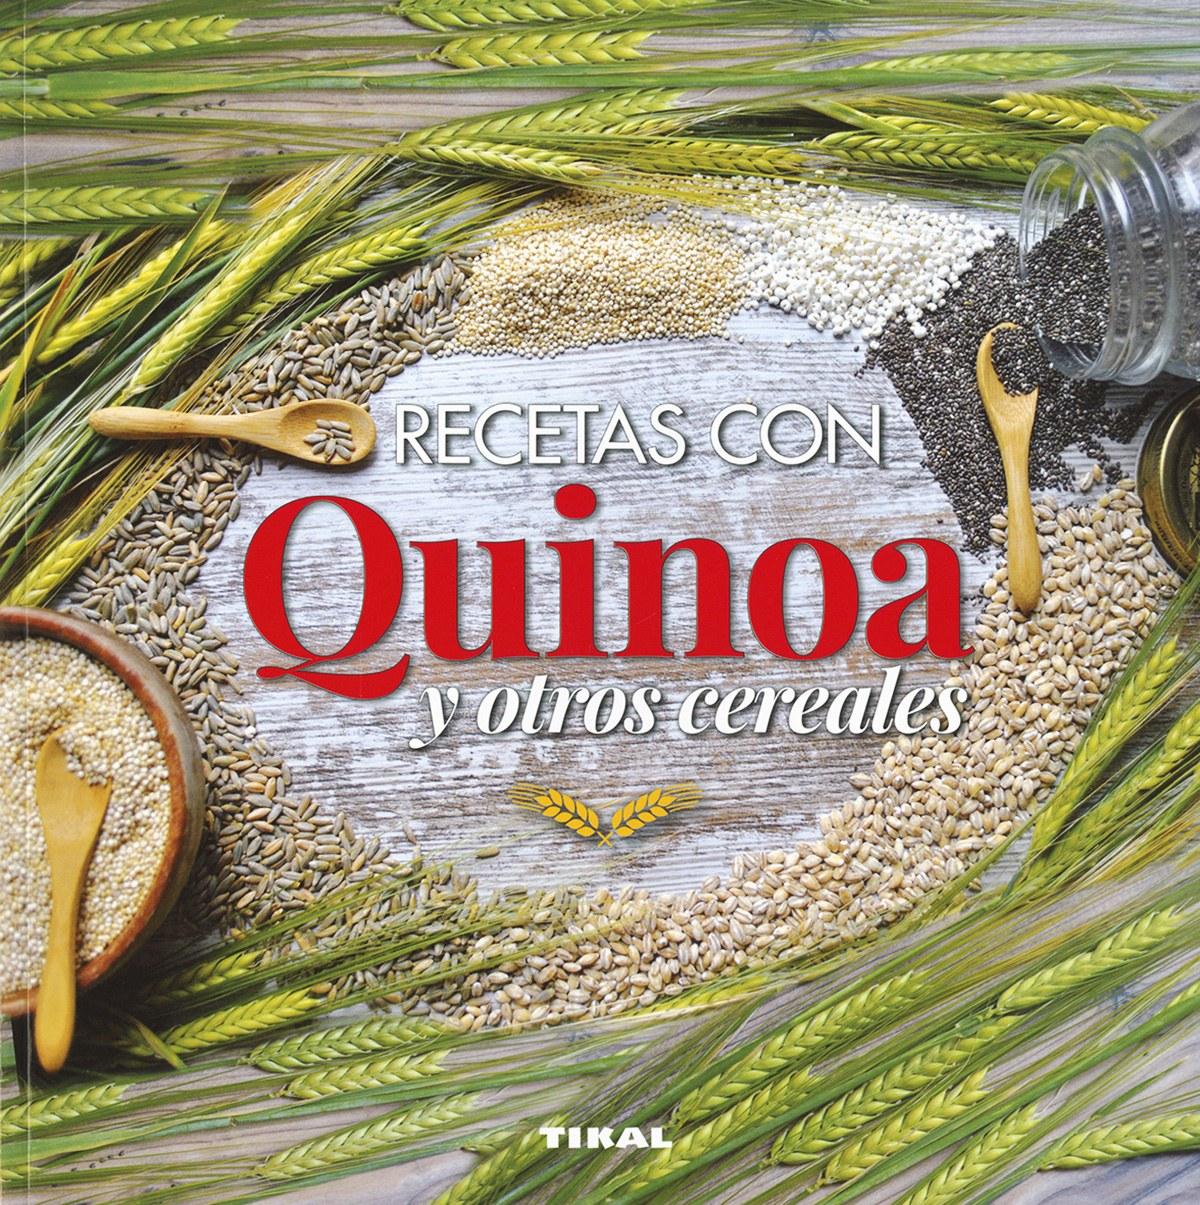 RECETAS CON QUINOA Y CEREALES